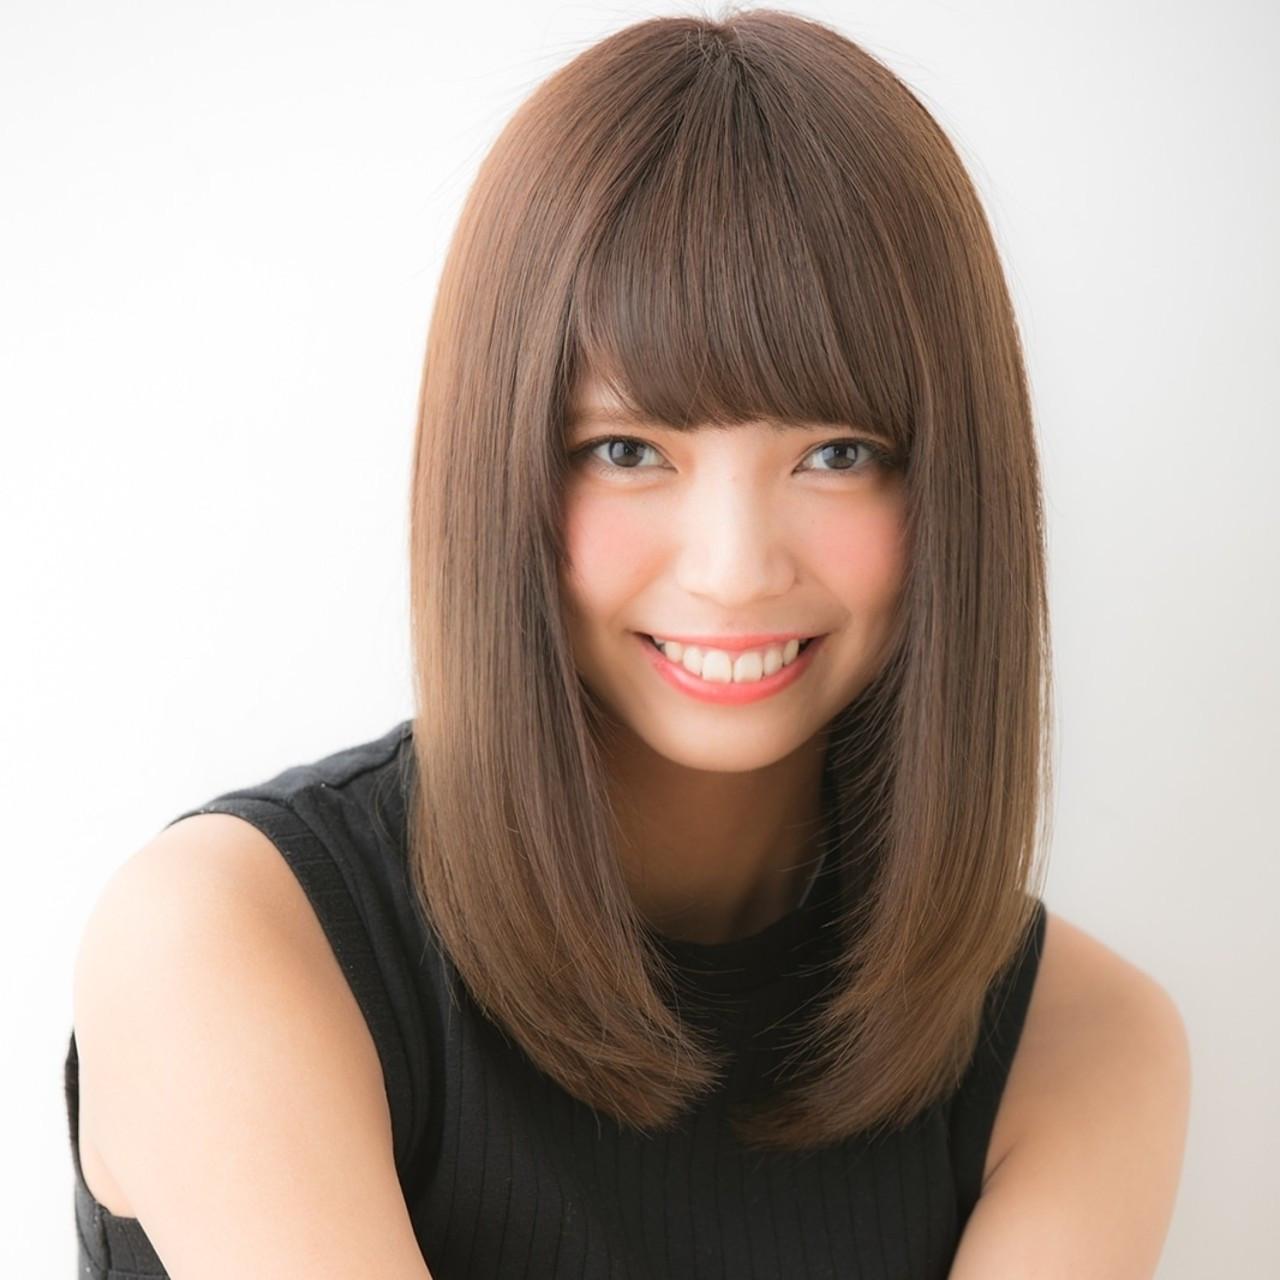 オータムタイプに似合う髪色は? 小松 雄太